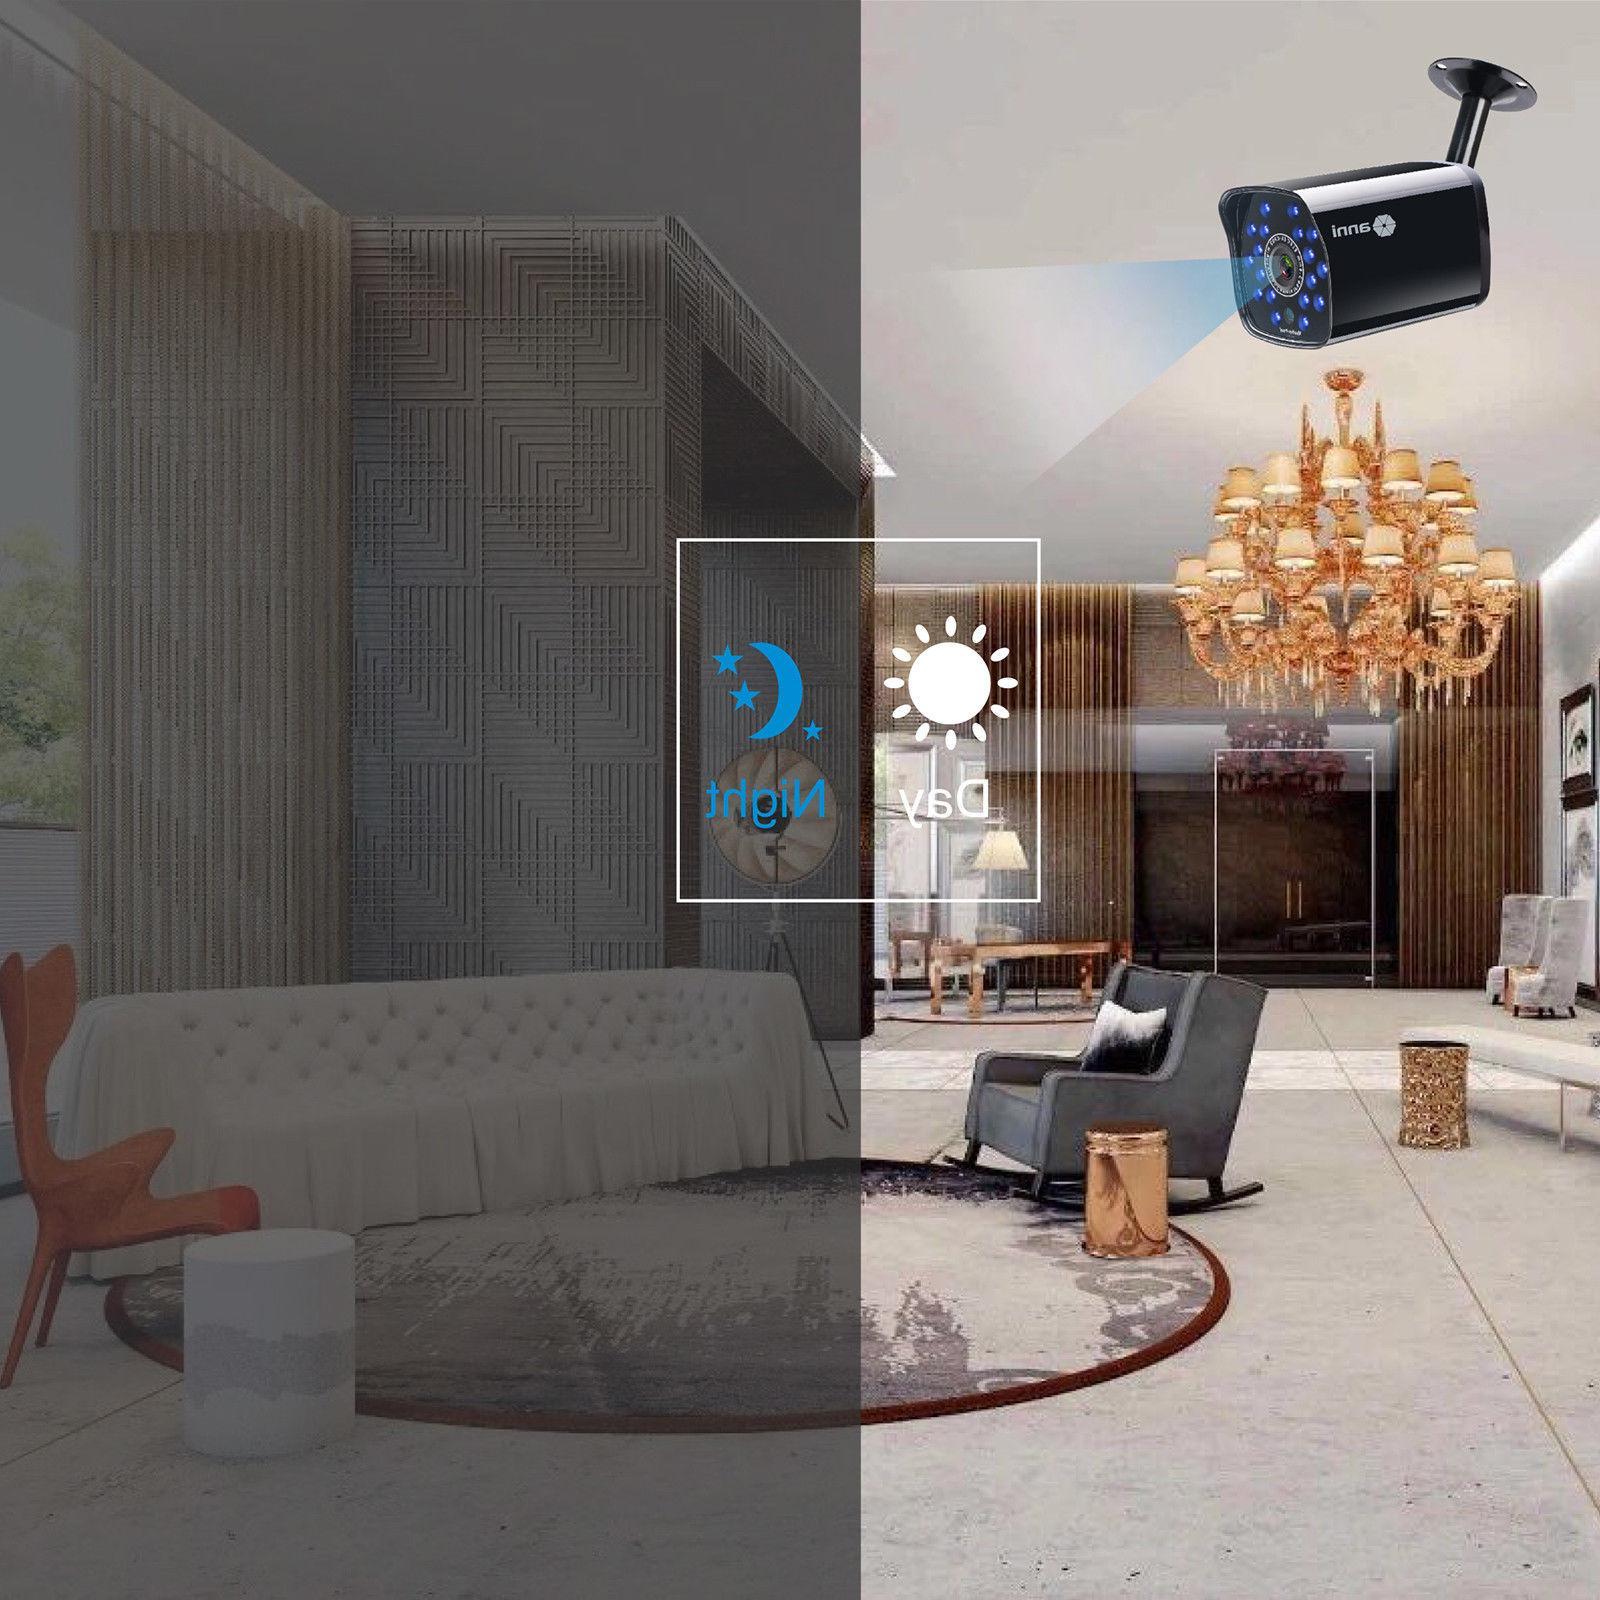 anni Camera TVI Indoor Outdoor